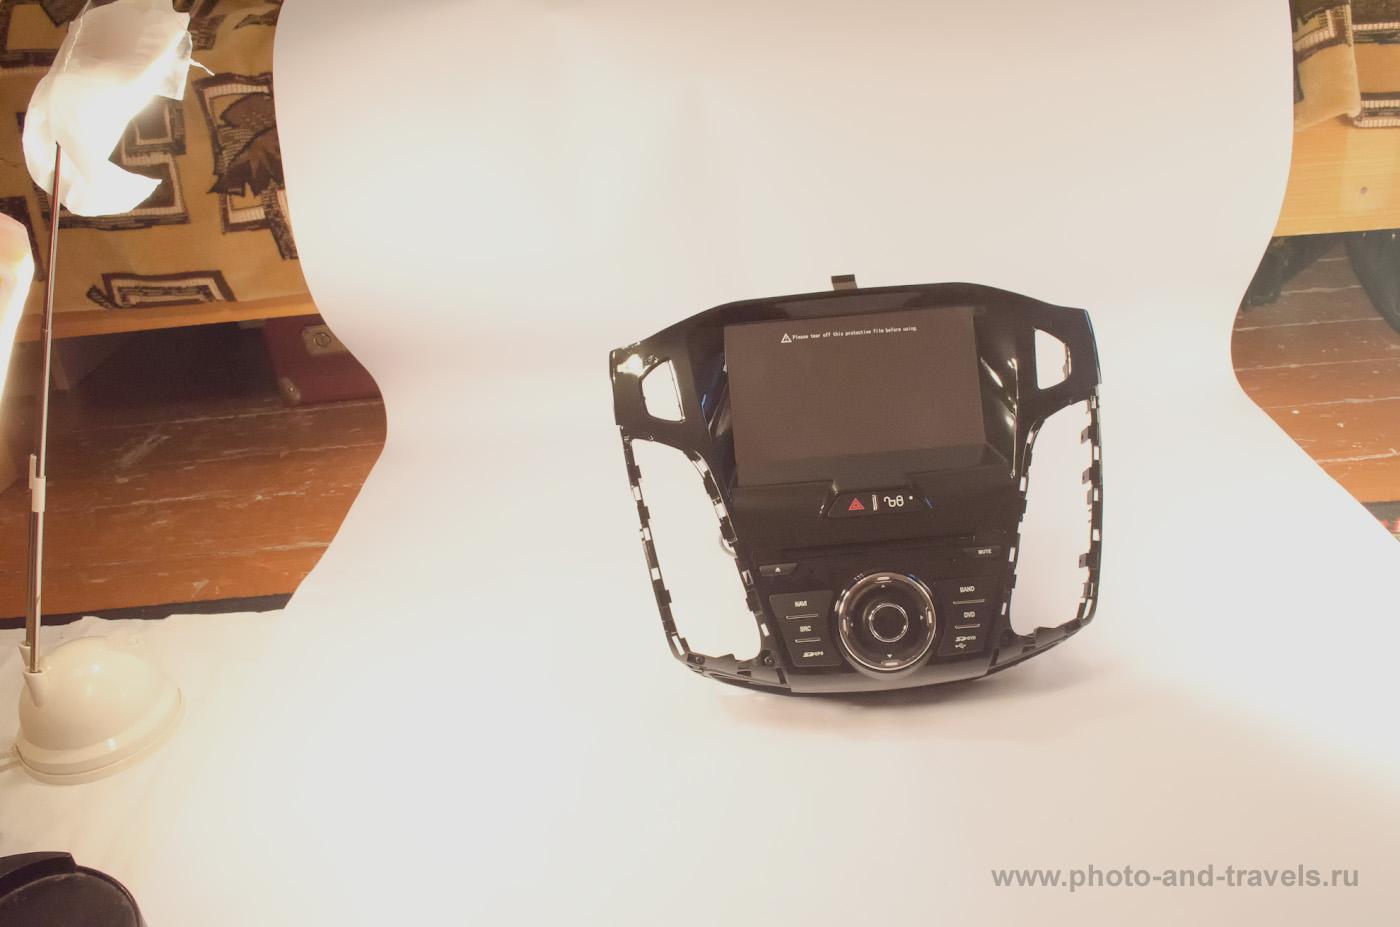 Фото 1. В качестве фона для предметной фотосъемки в домашних условиях используем лист ватмана.